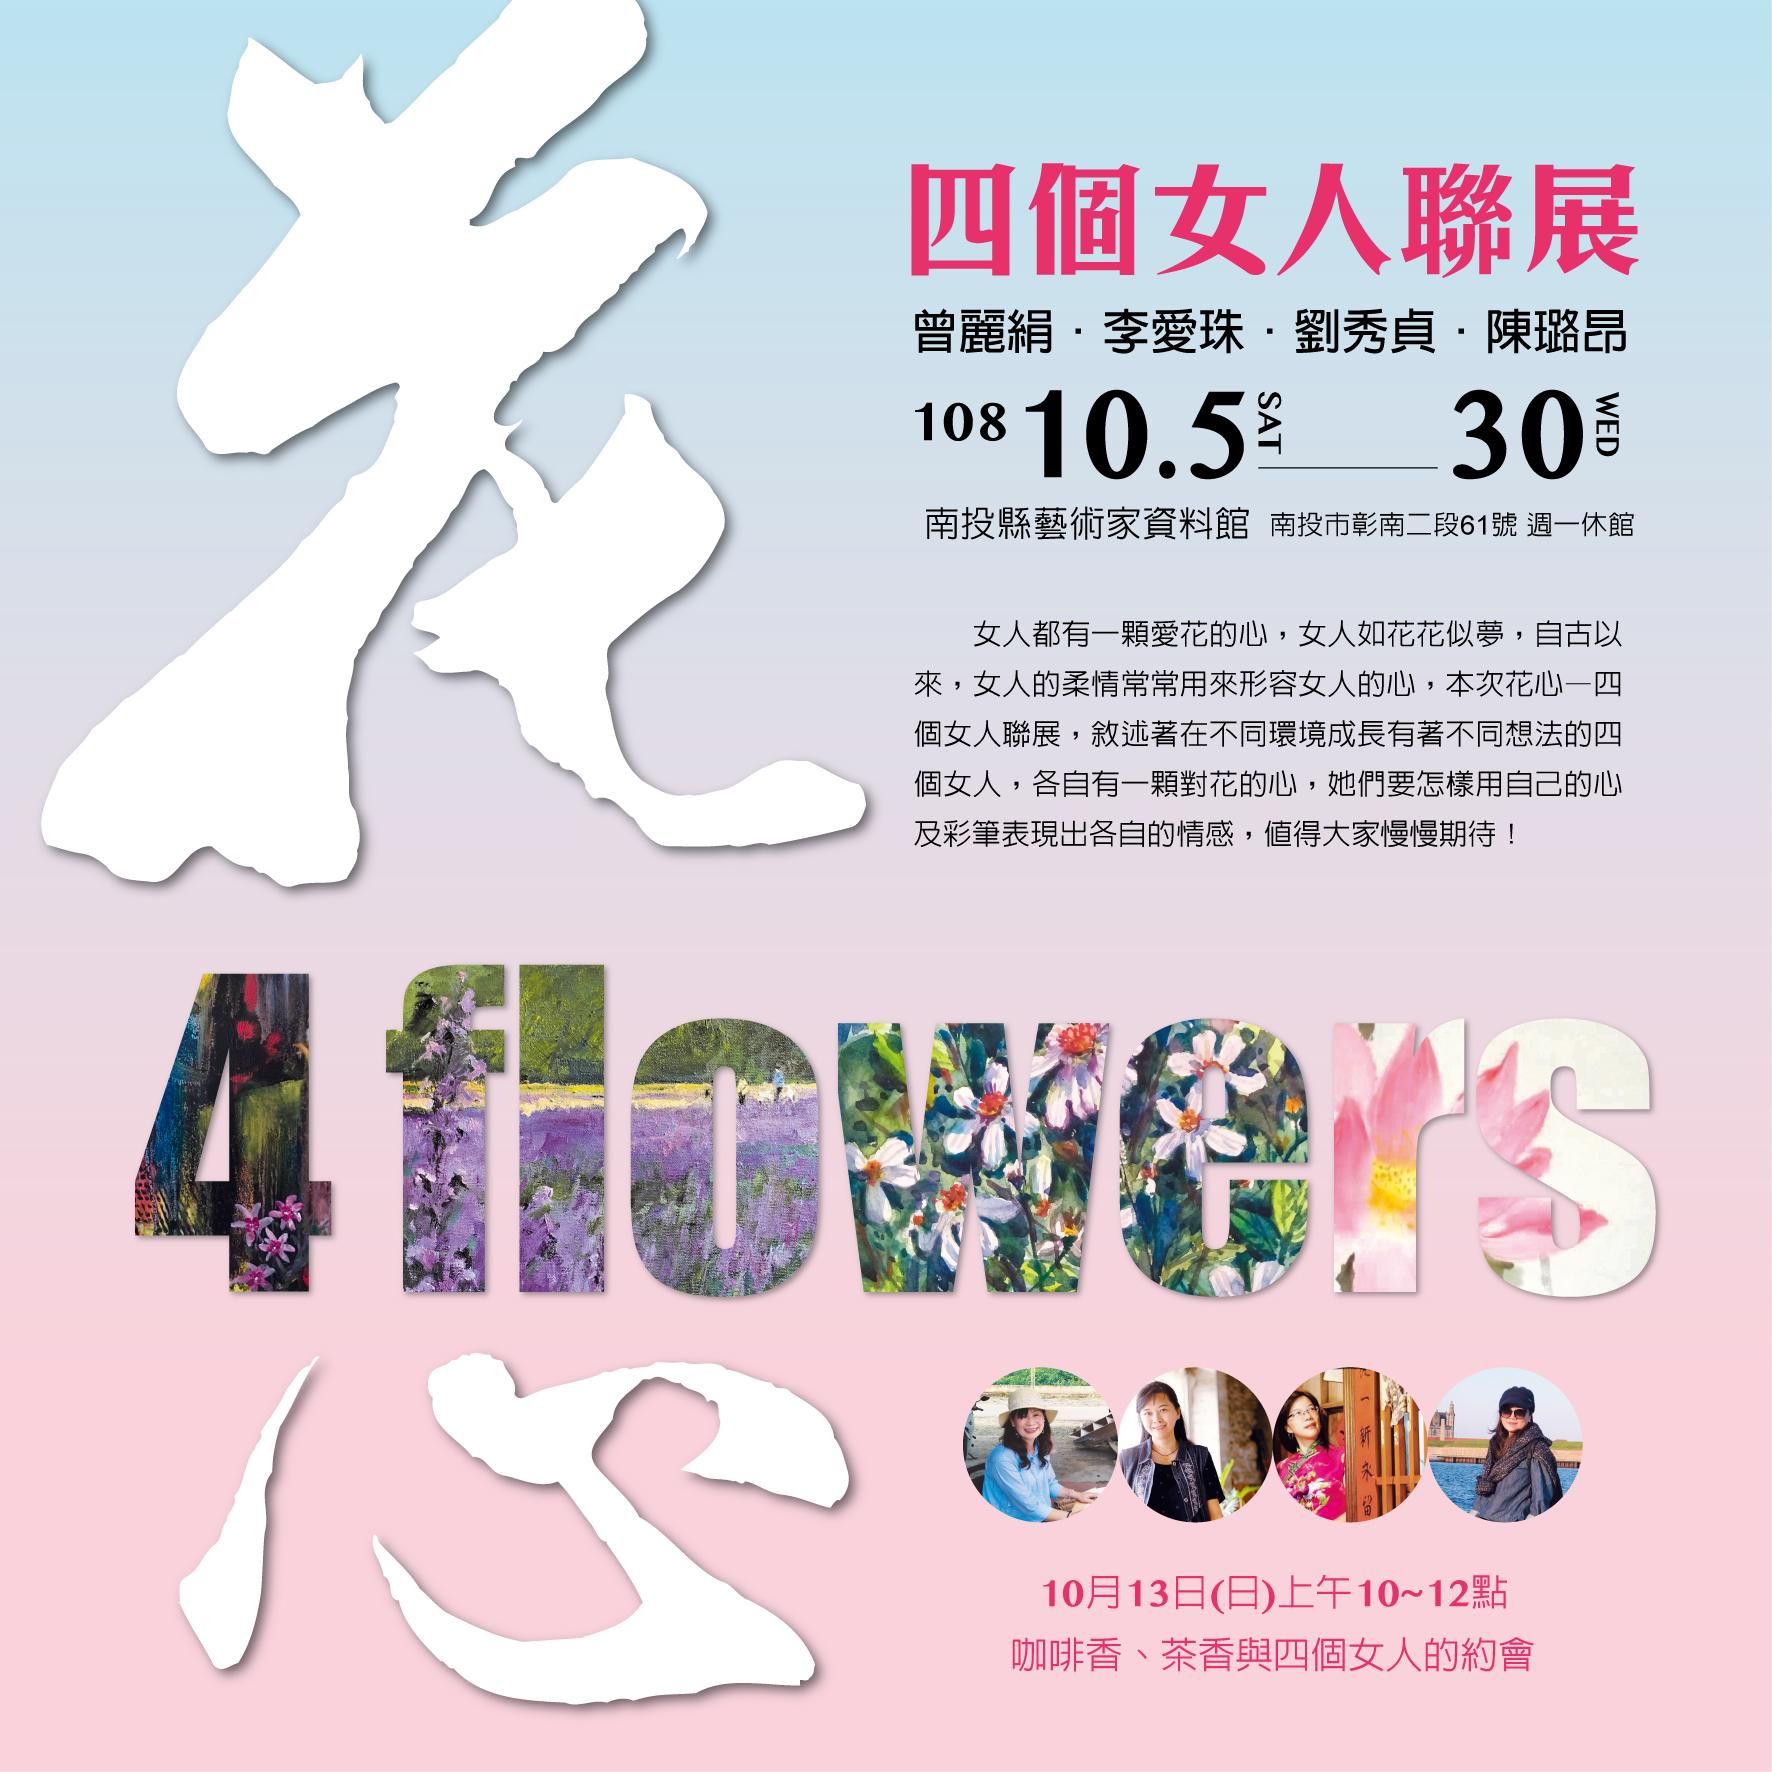 花心-四個女人聯展海報